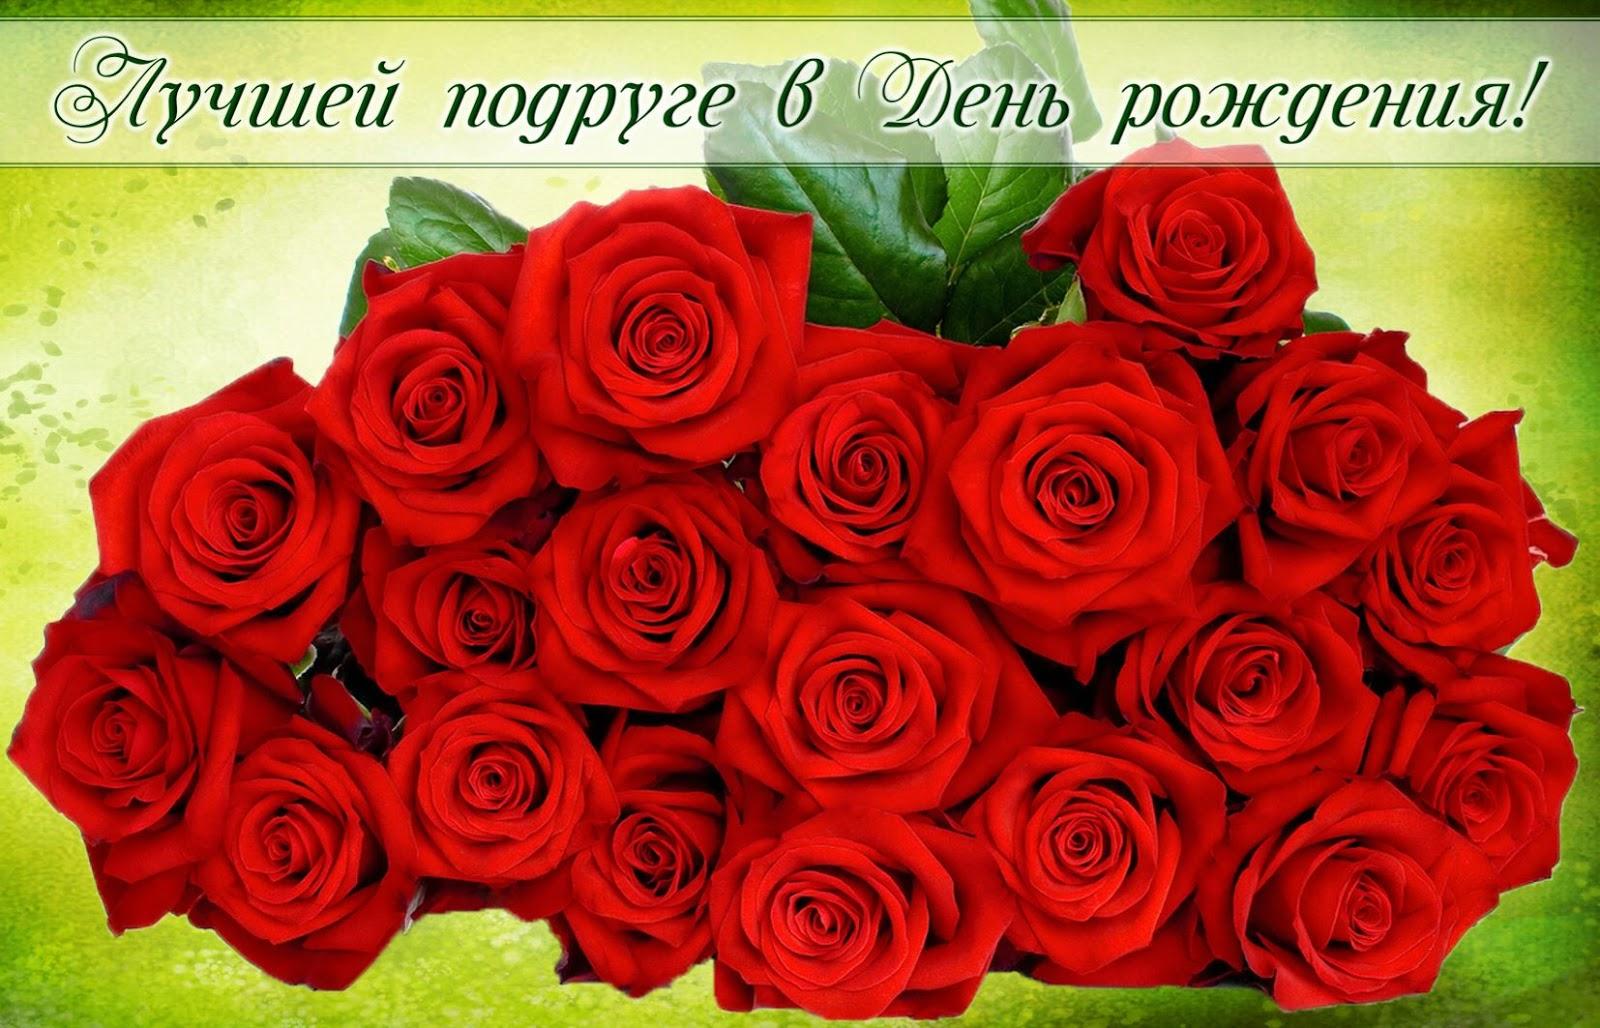 удивительно, открытка с днем рождения подруге с розами красивые русские туркмены приезжают